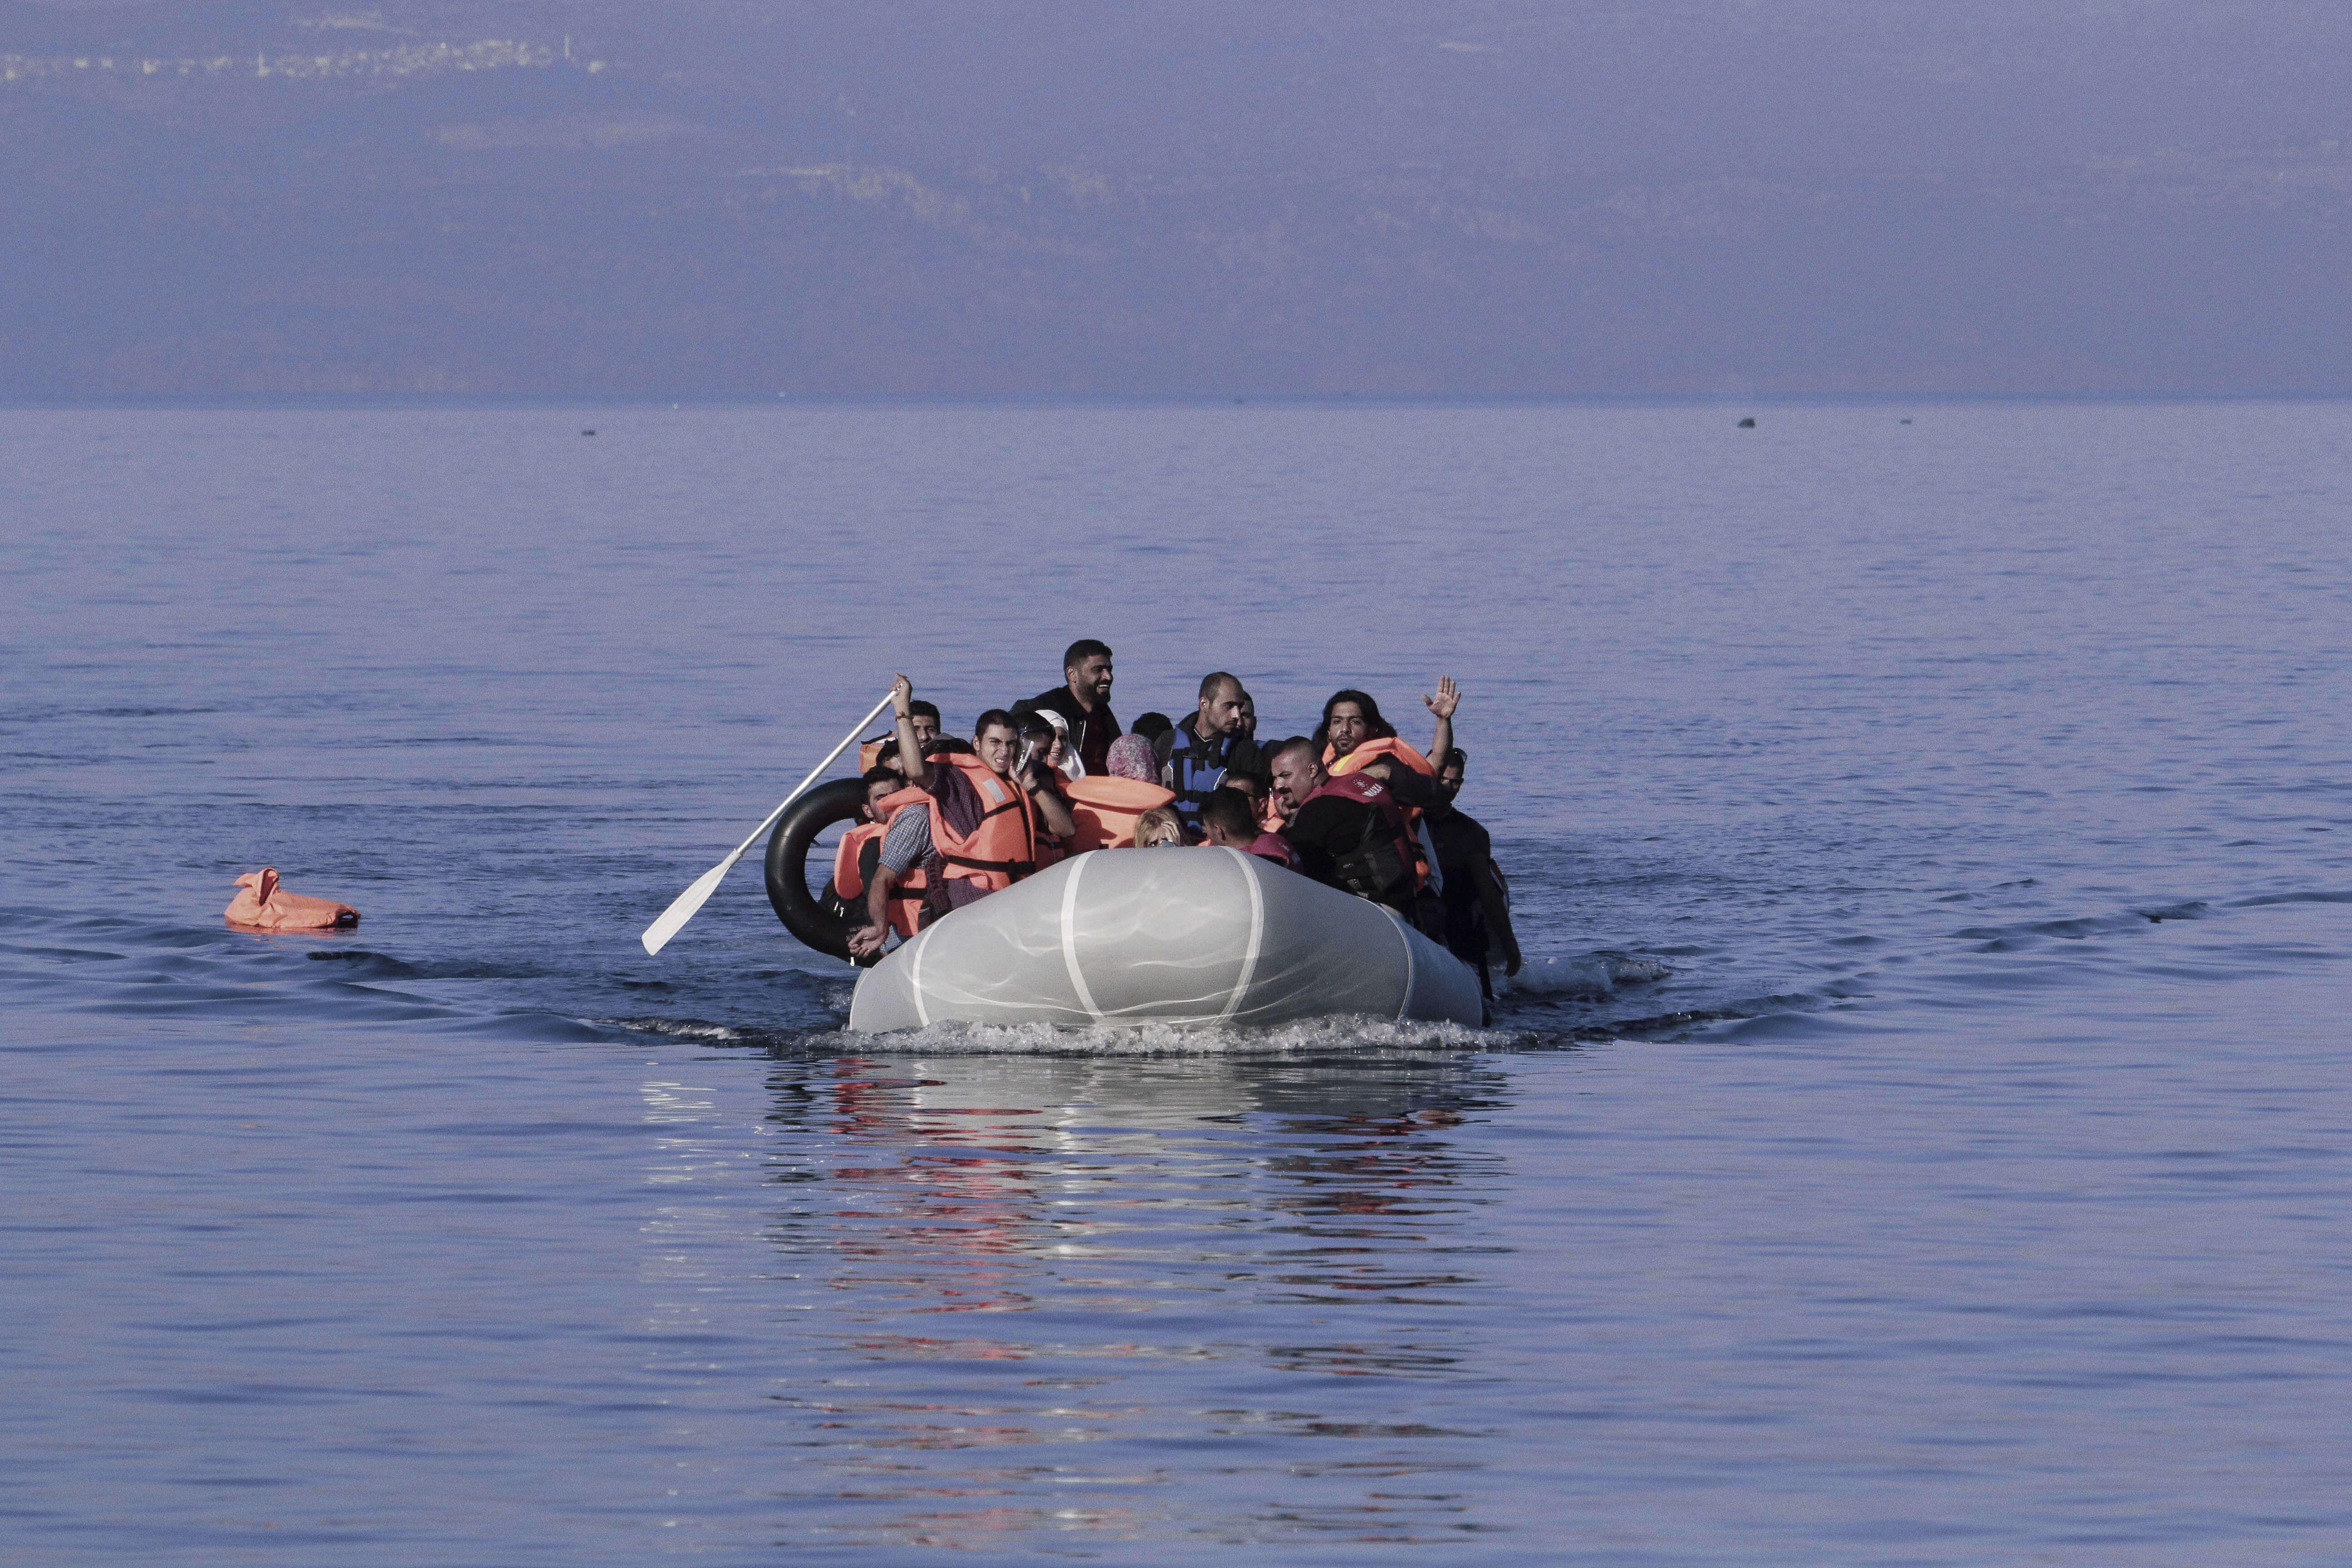 Τουρκία: Βυθίστηκε βάρκα με 45 μετανάστες